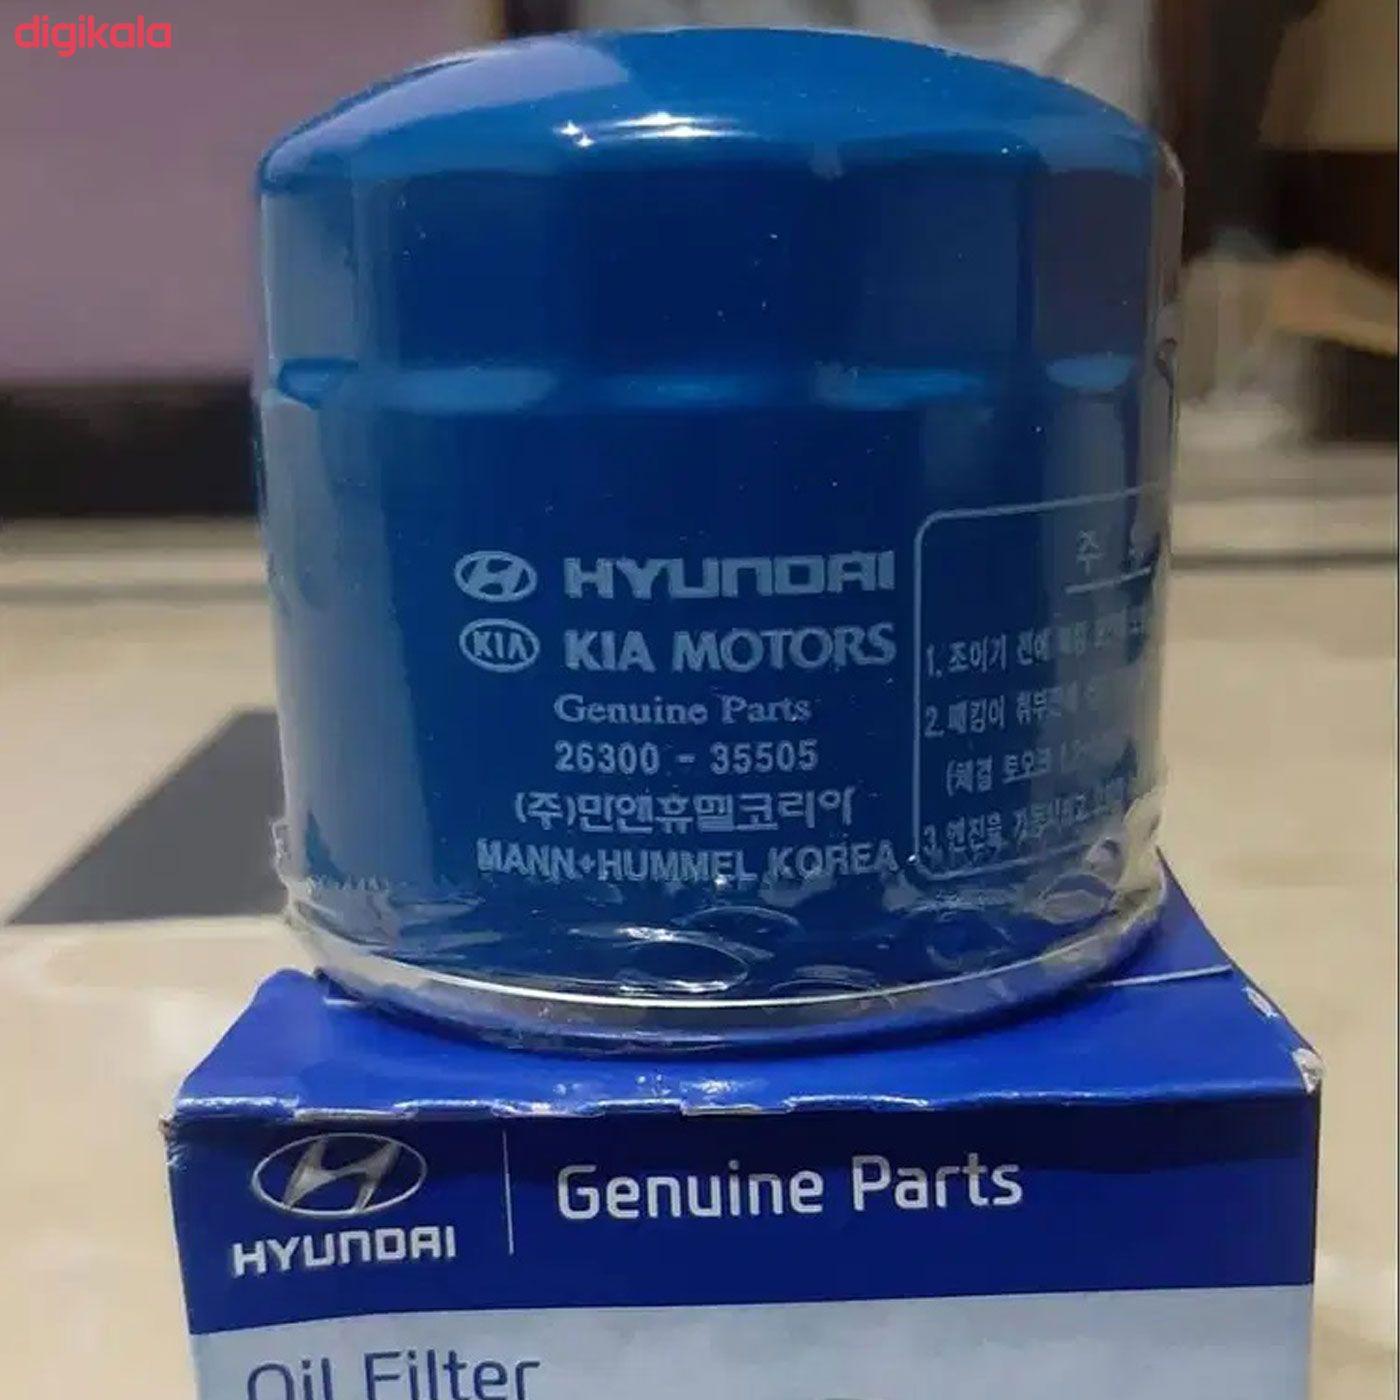 فیلتر روغن خودرو هیوندای جنیون پارتس مدل 35505 مناسب برای هیوندای اکسنت main 1 4